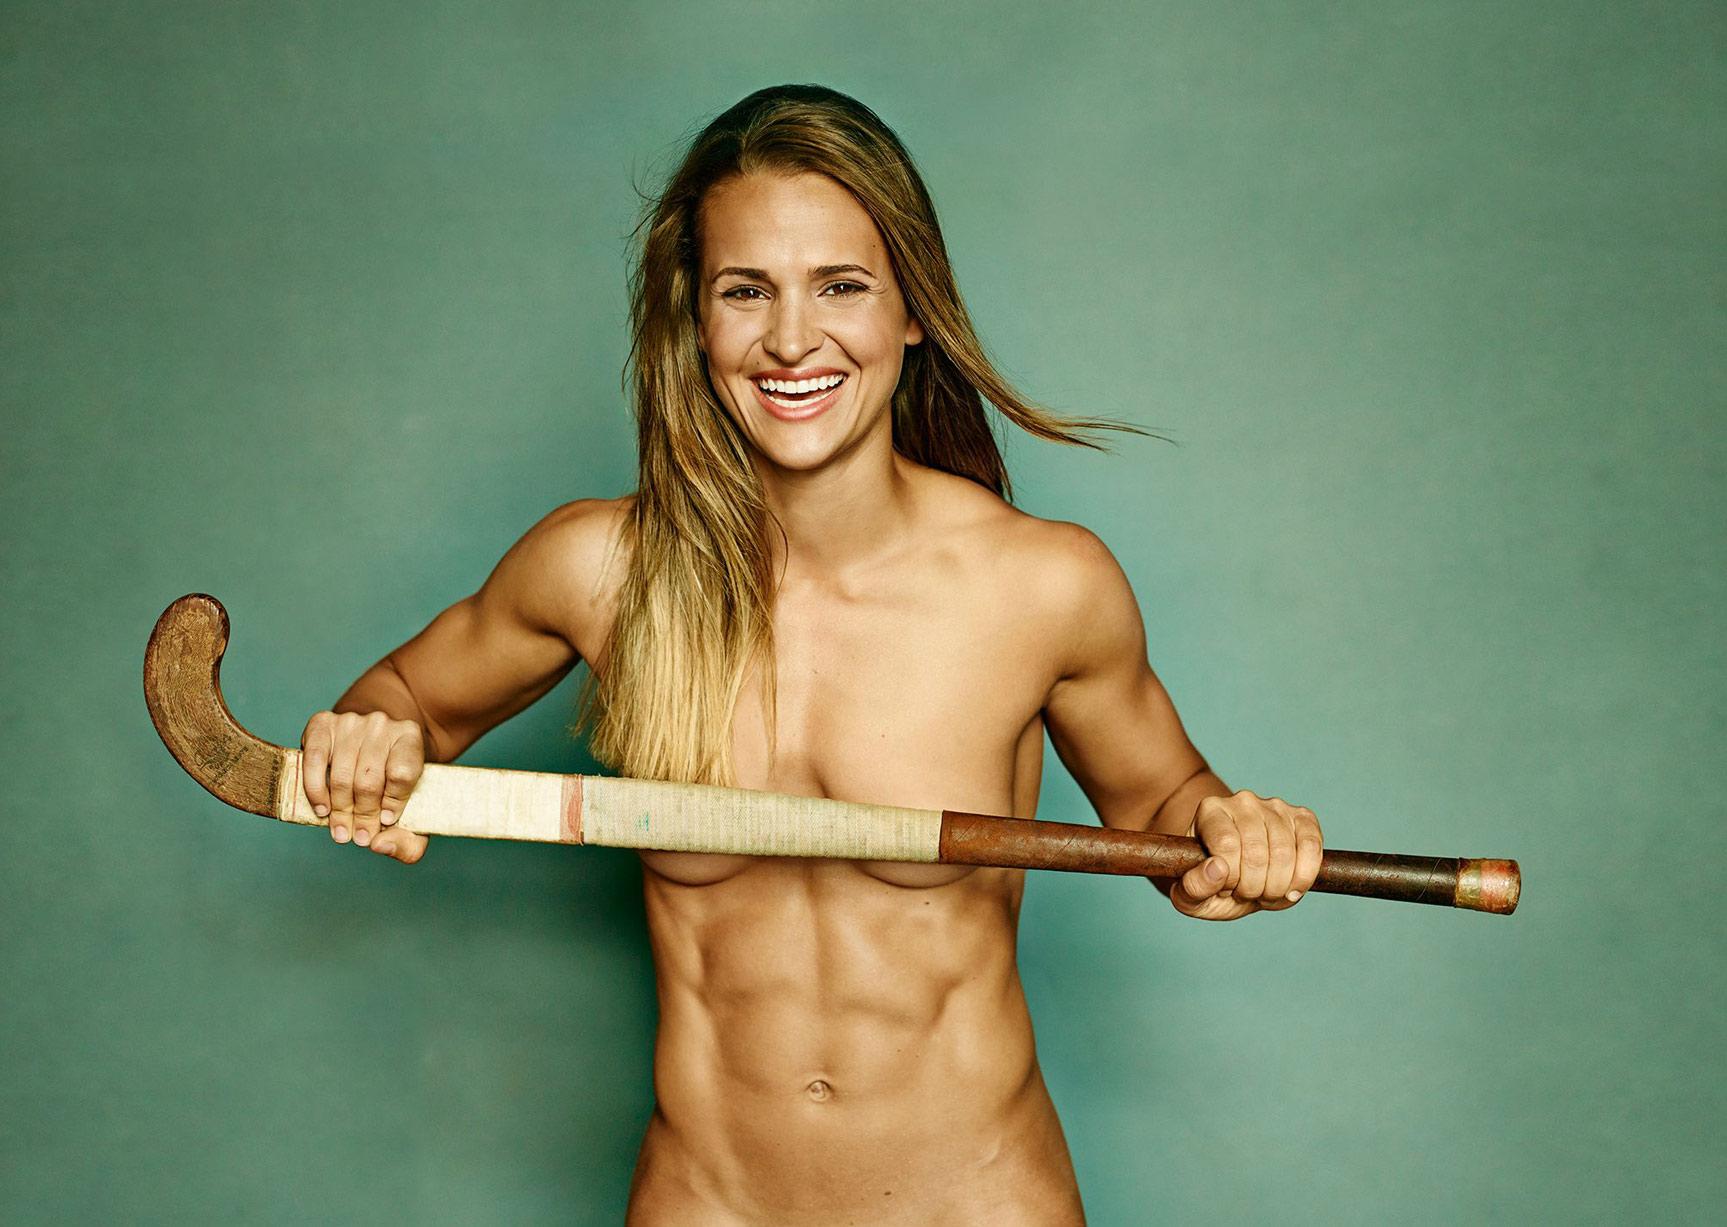 ESPN Magazine The Body Issue 2015 - Paige Selenski / Пейдж Селенски - Культ тела журнала ESPN